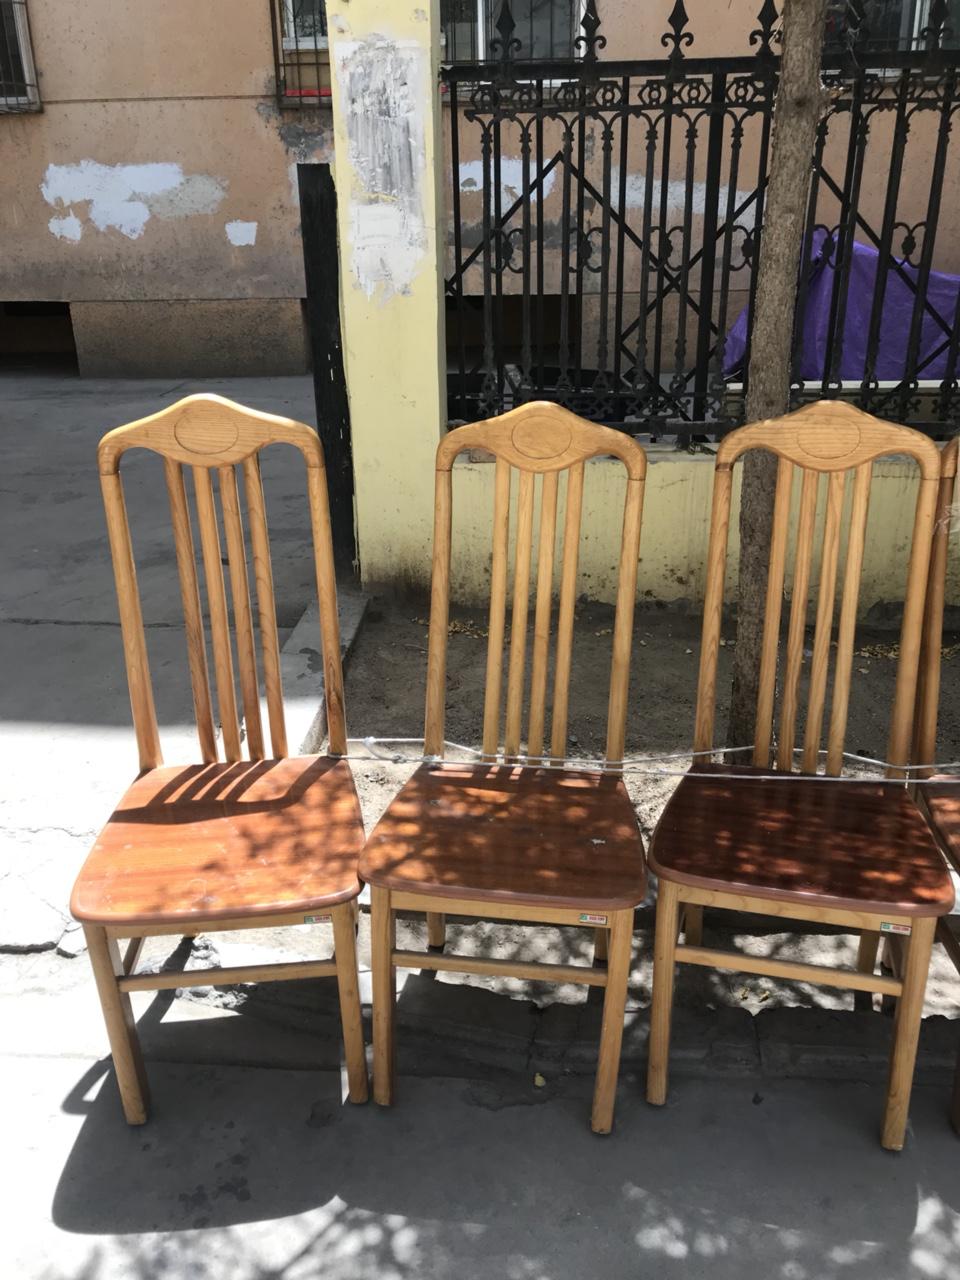 4把窗康牌椅子。开店,学校,开班,饭店等非常实用,实木的。全市最低价,因为便宜下手慢就没了,不诚心,...